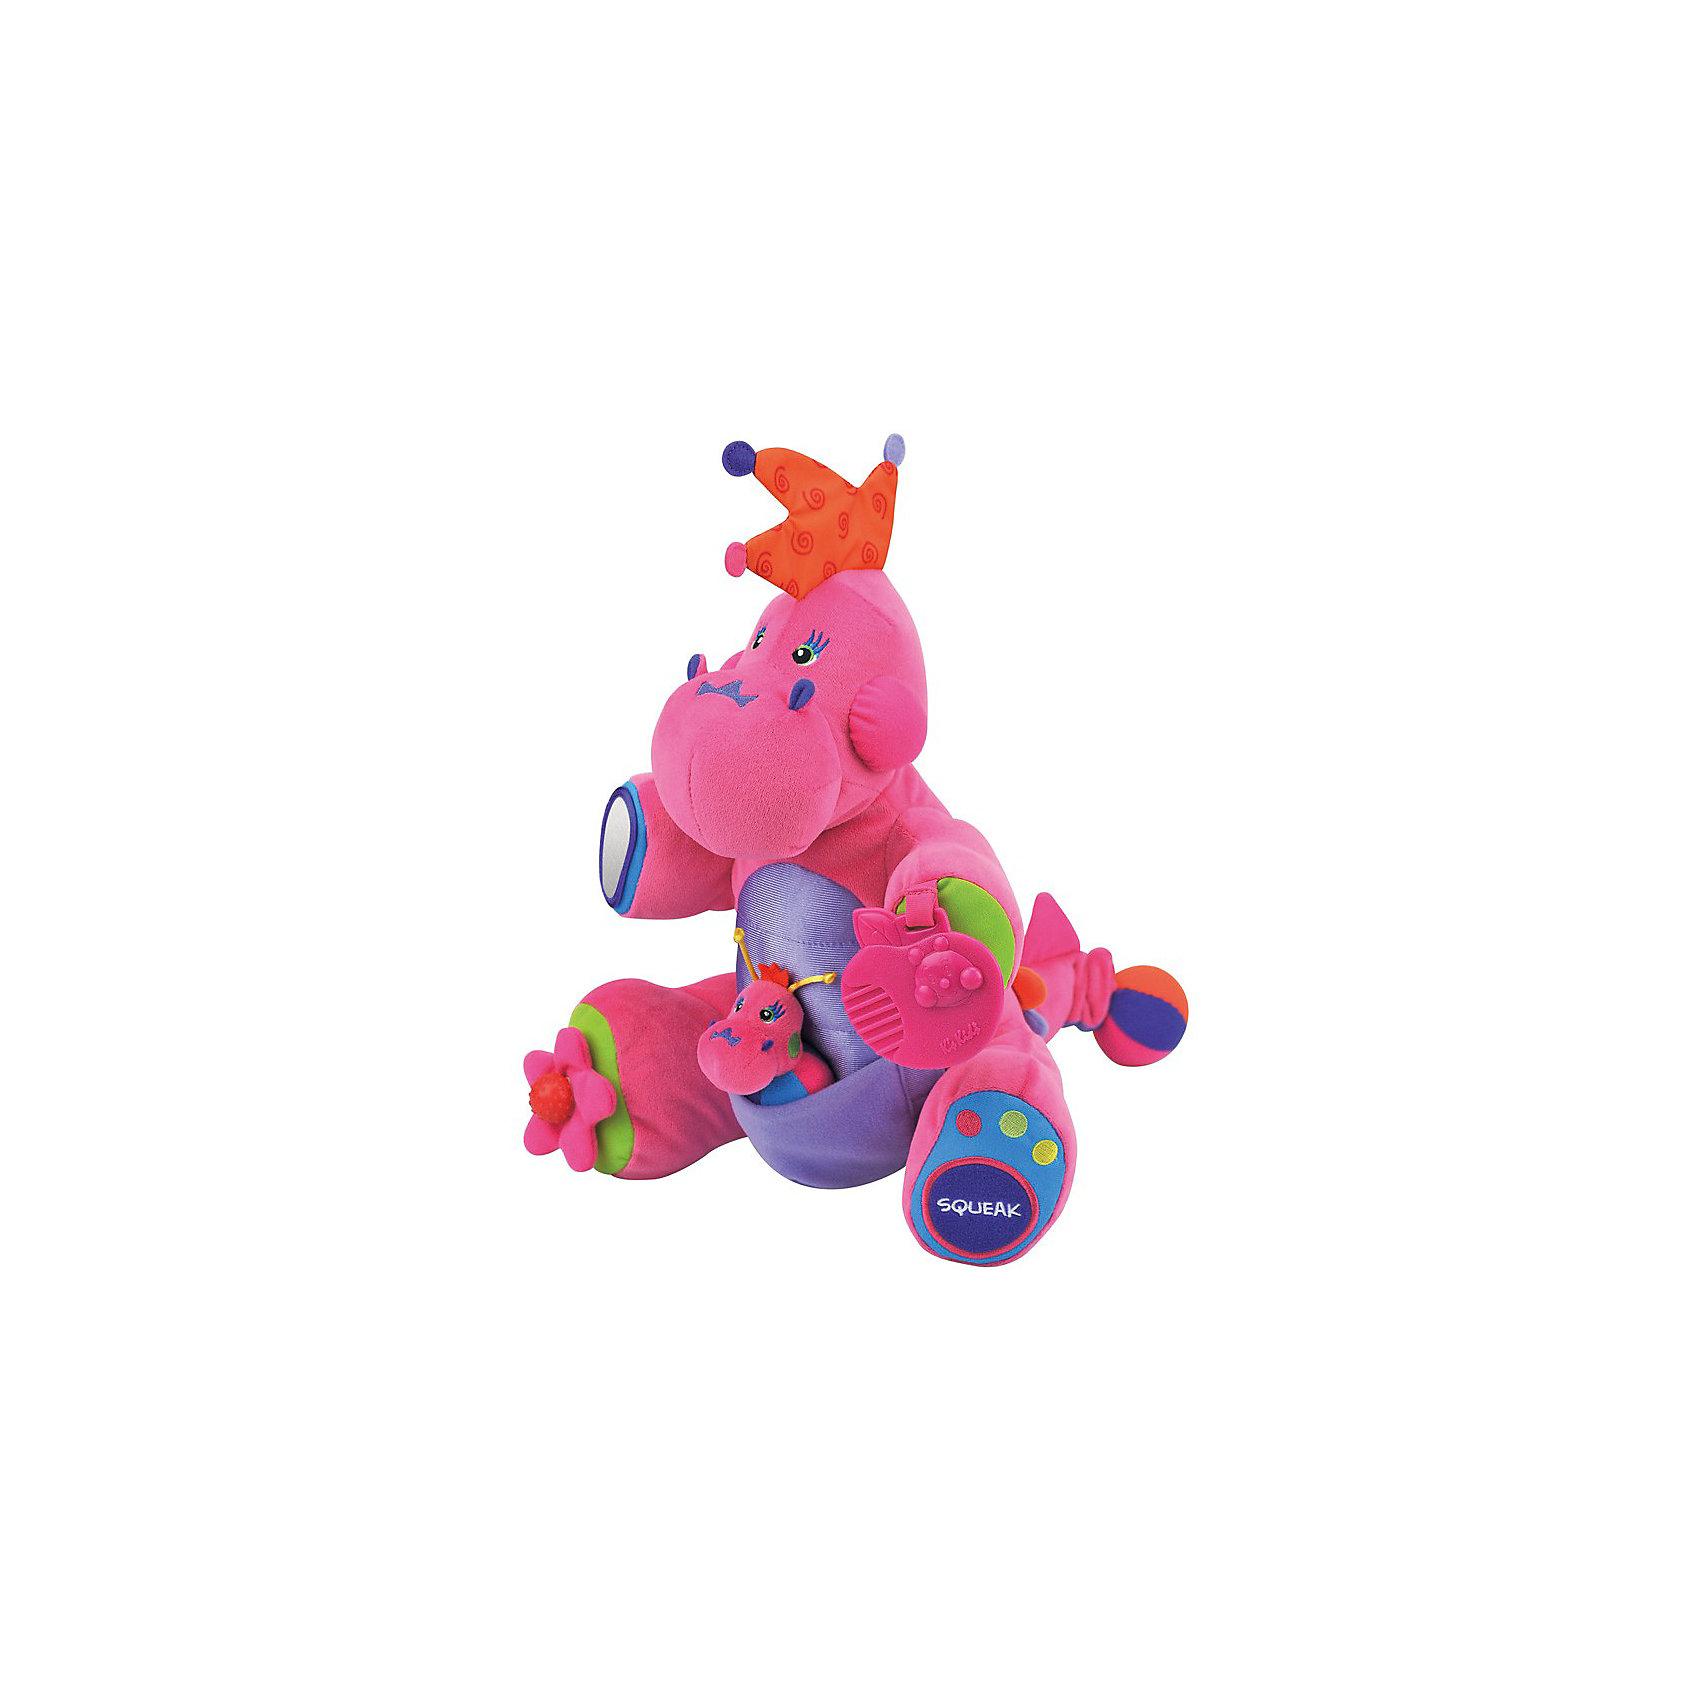 Развивающая игрушка Boss, розовыйЯрко-розовый  дракончик Boss – это не просто красивая игрушка, в нём есть множество развивающих функций. Хохолок  и спинка дракона, состоят из разноцветных мягких и шуршащих зубчиков. На хвостике шарик-погремушка, который можно потянуть и он станет длиннее, а потом начнет вибрировать и собираться в первоначальную форму. На правой ножке цветочек с маленькой круглой ручкой, которая при вращении издает щелкающие звуки. В левой ножке находится «пищалка». Правая ручка снабжена безопасным зеркалом, а левая - прорезывателем для зубок в форме яблока. А в кармашке на пузике  сидит еще один дракончик.<br><br>Дополнительная информация:<br><br>- цвет: голубой  <br>- материал: текстиль <br>- размеры упаковки (коробки): 33,5 х 27 х 32 см. <br>- вес : 883 г.<br><br> Дракончика Boss от Ks Kids можно купить в нашем интернет-магазине.<br><br>Ширина мм: 270<br>Глубина мм: 320<br>Высота мм: 335<br>Вес г: 300<br>Возраст от месяцев: 6<br>Возраст до месяцев: 48<br>Пол: Женский<br>Возраст: Детский<br>SKU: 3155516